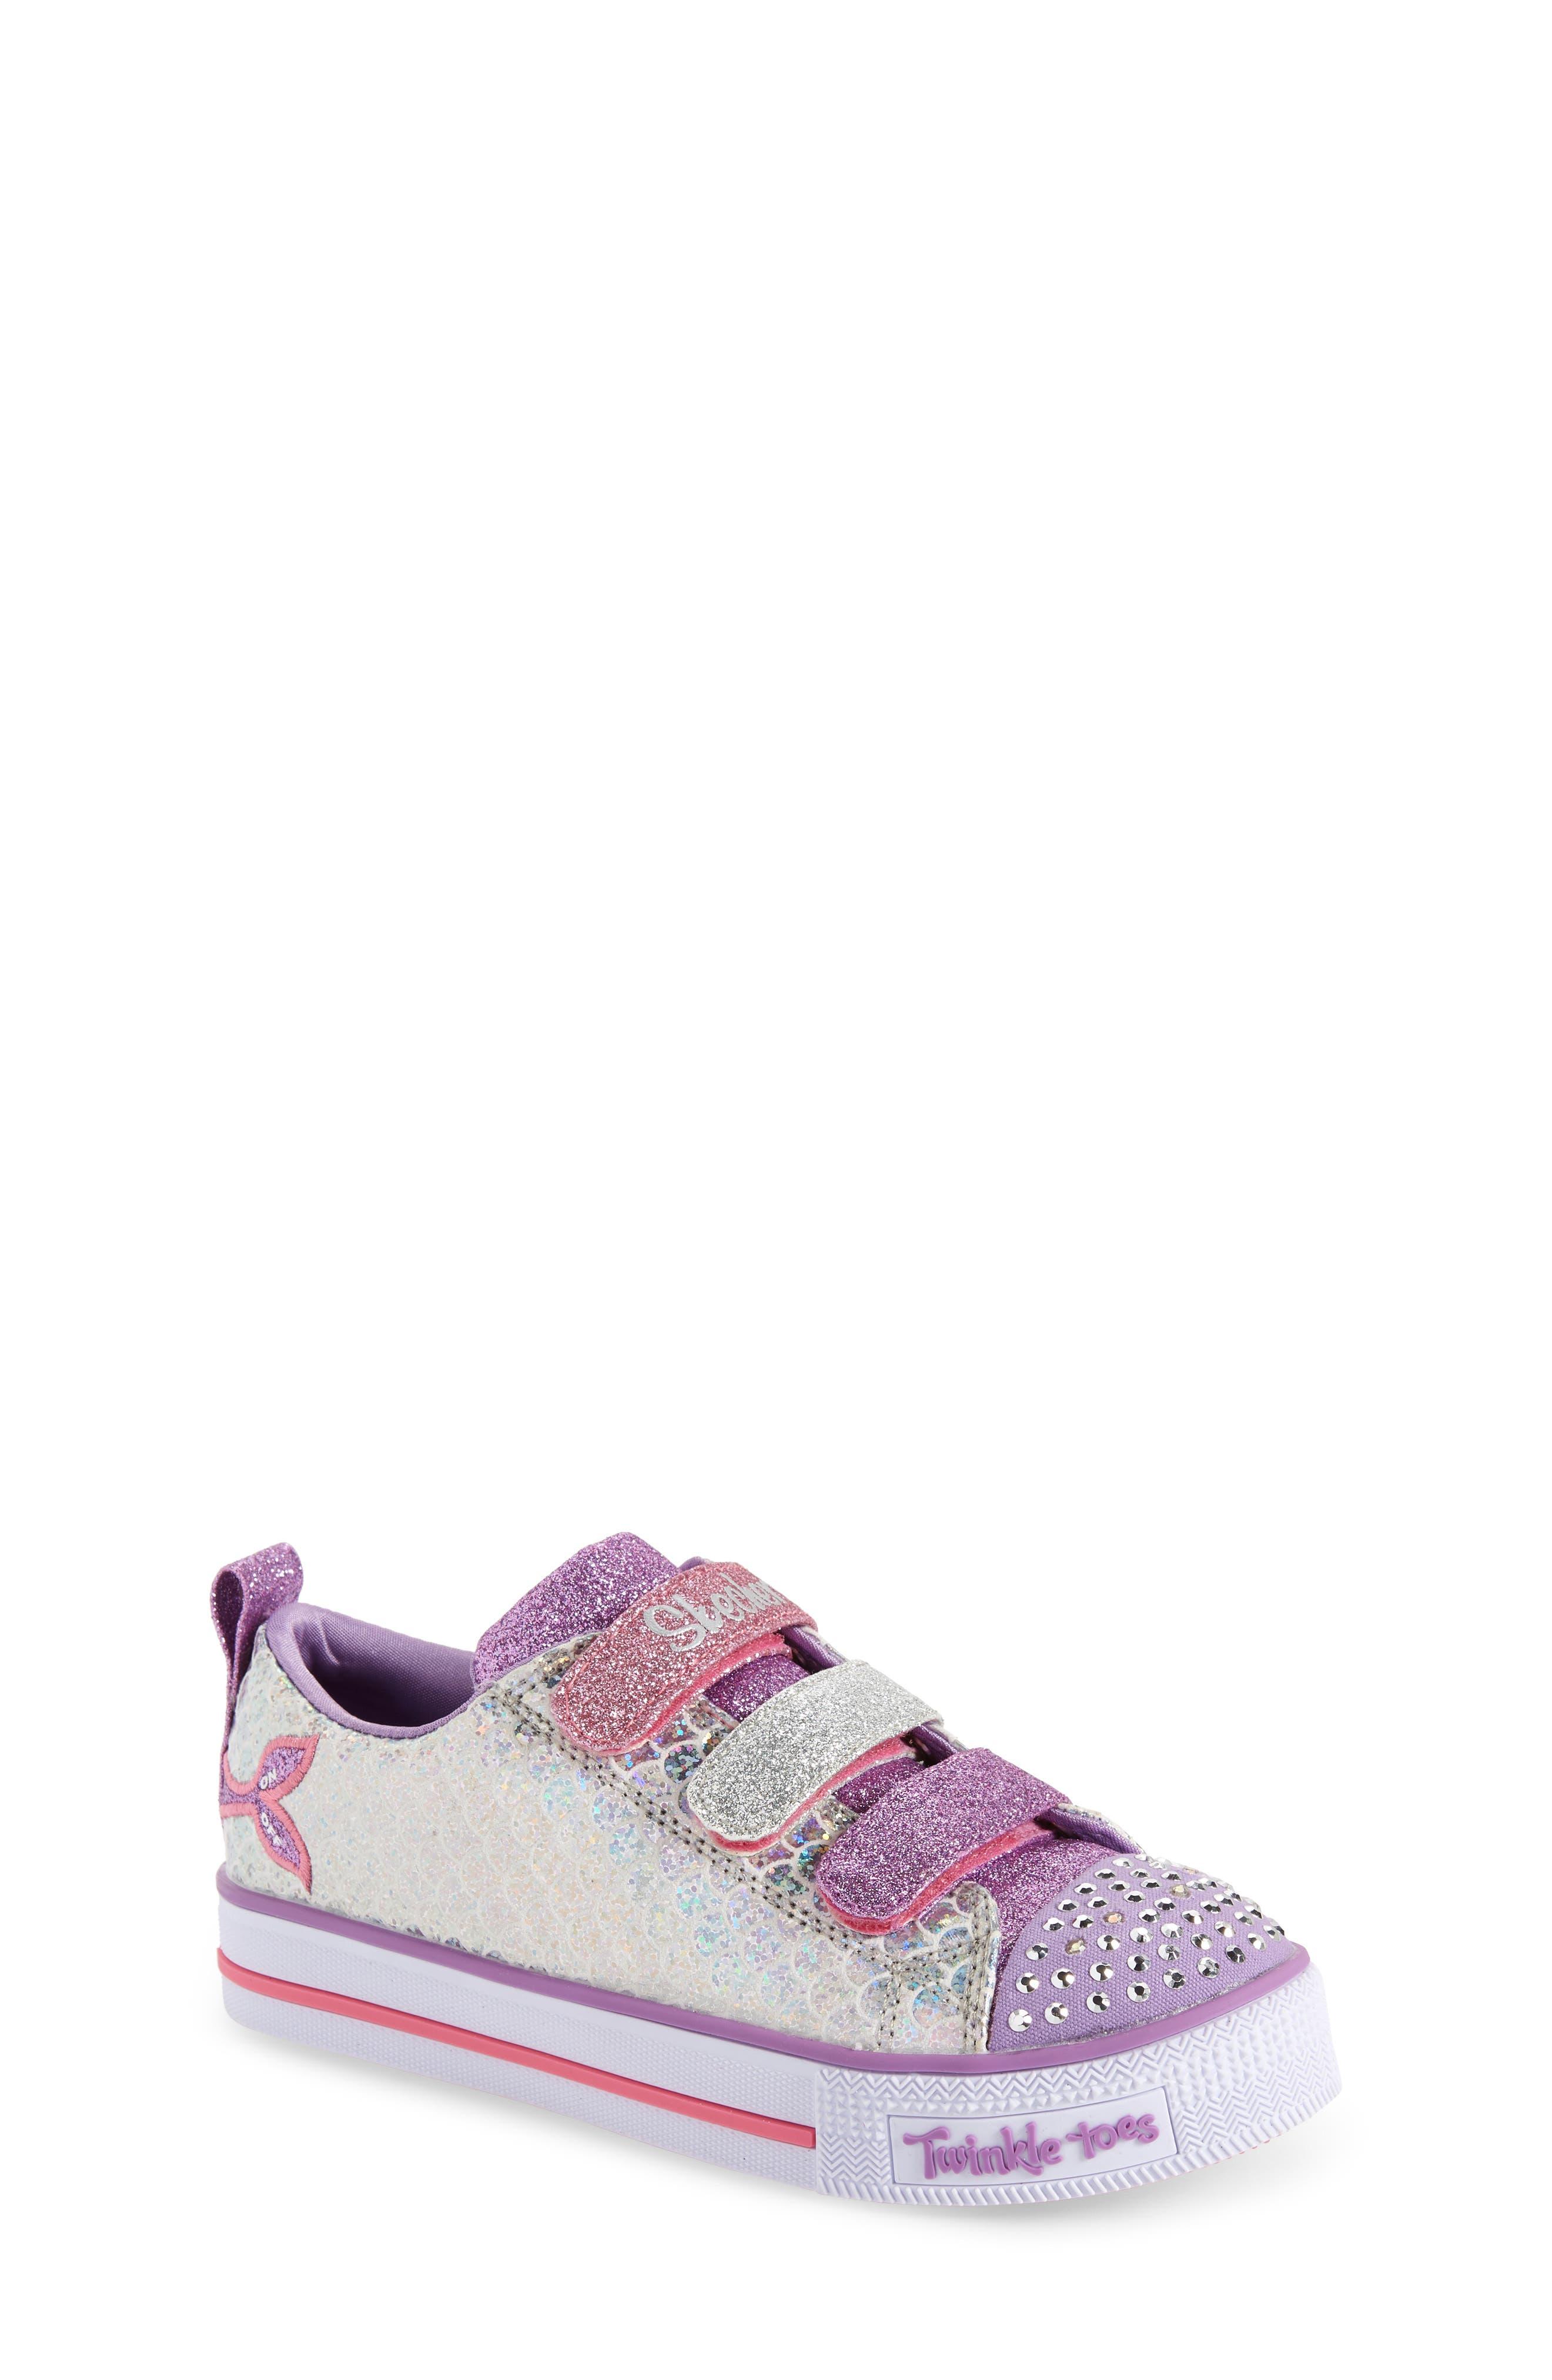 Toddler Girls Skechers Twinkle Lite Sneaker Size 11 M  Metallic